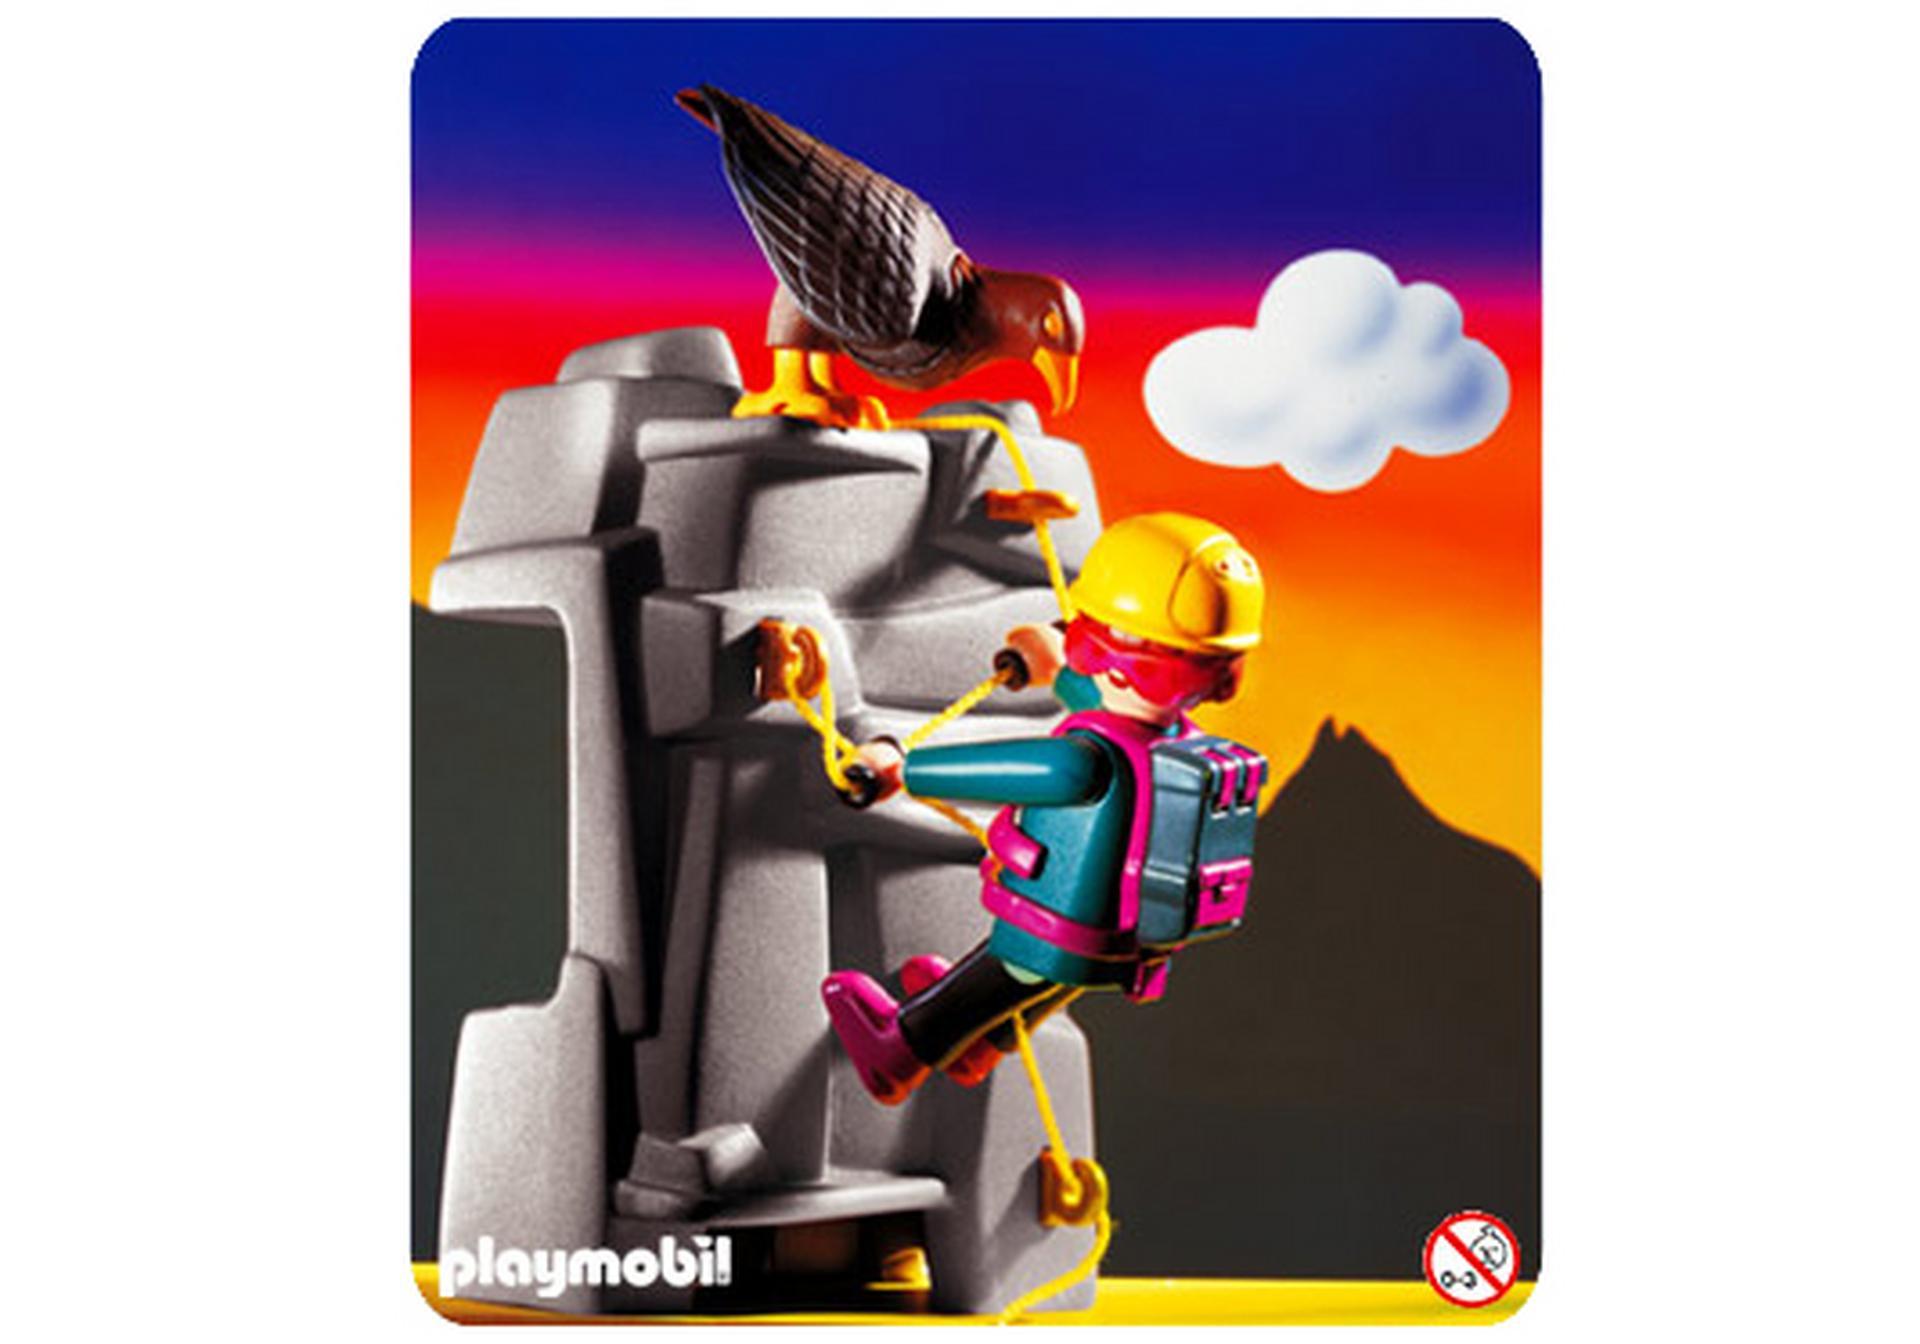 Bergsteiger 3842 a playmobil deutschland for Jugendzimmer playmobil